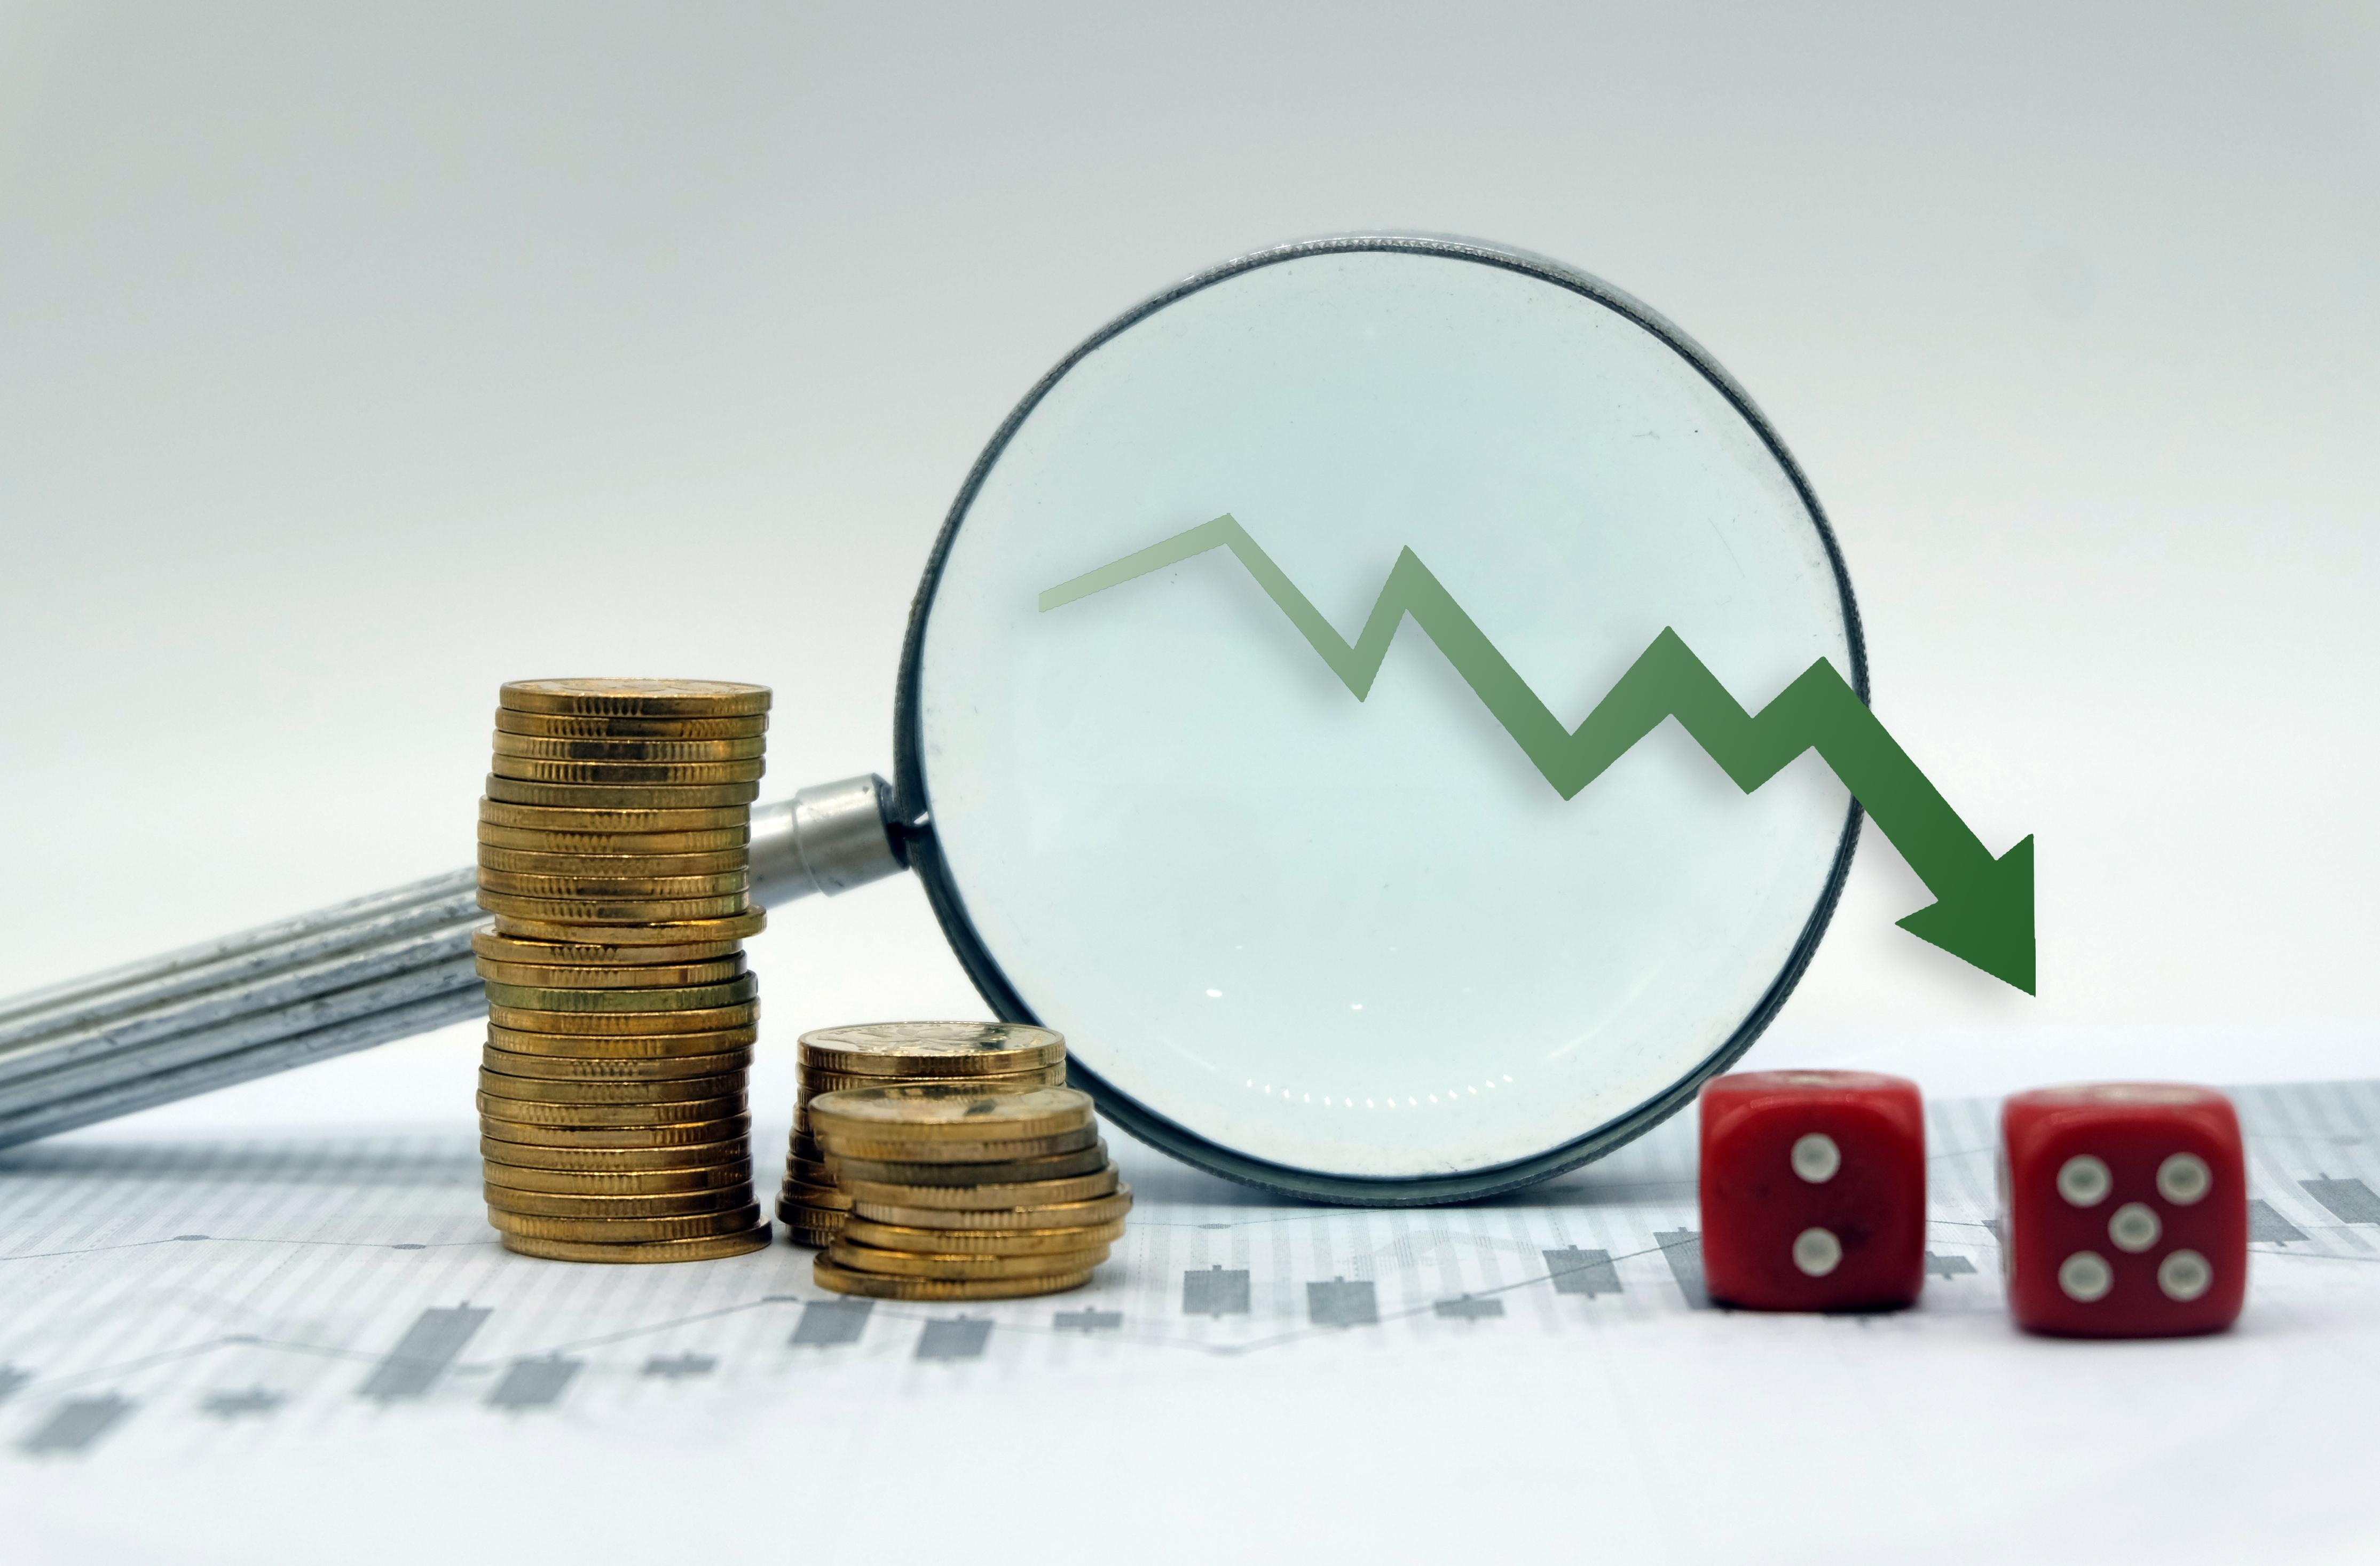 46亿元天量成交额,3日股价跌24%,协鑫集成怎么了?